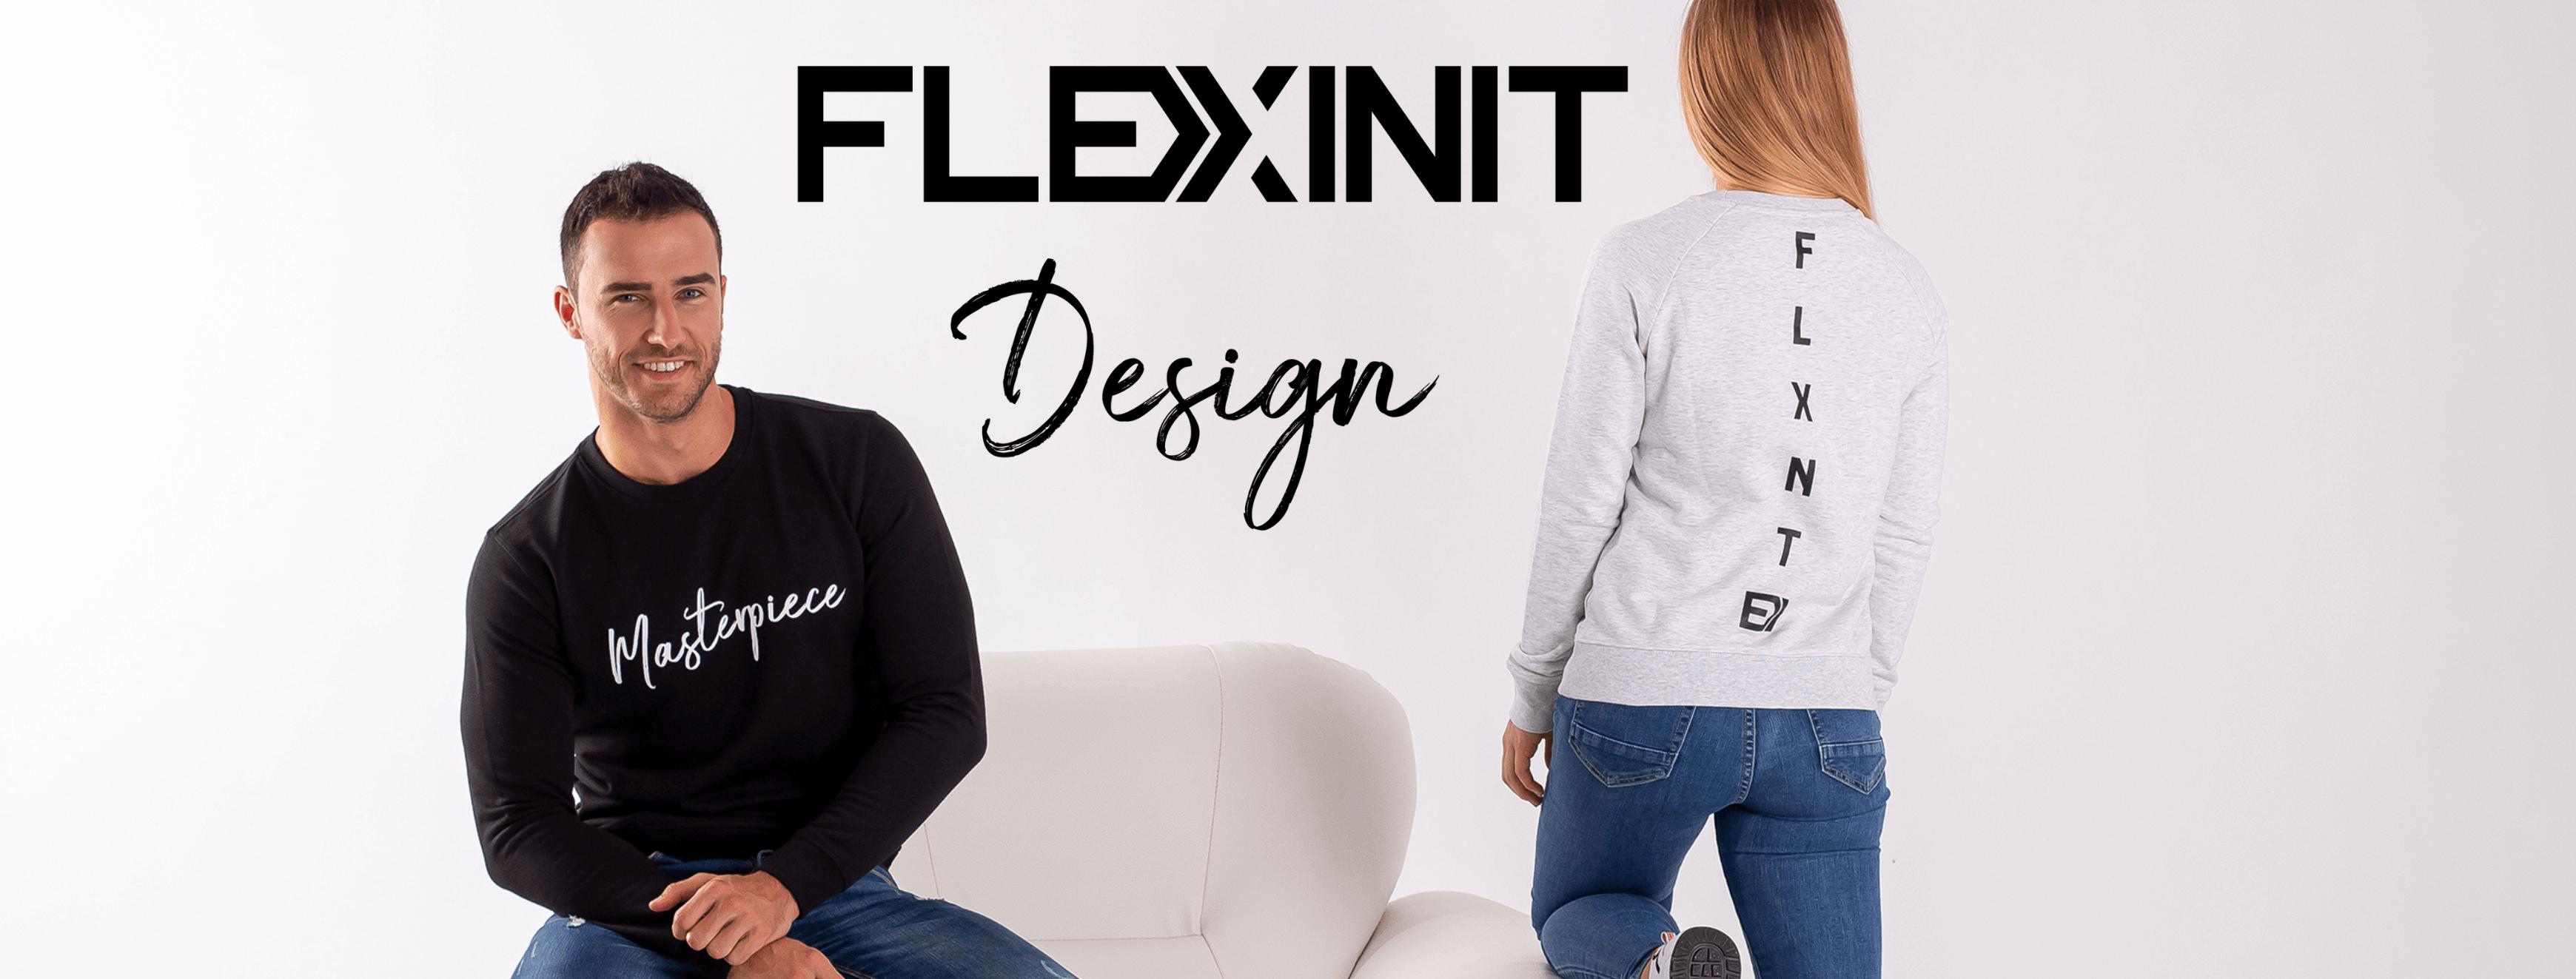 Flexinit design